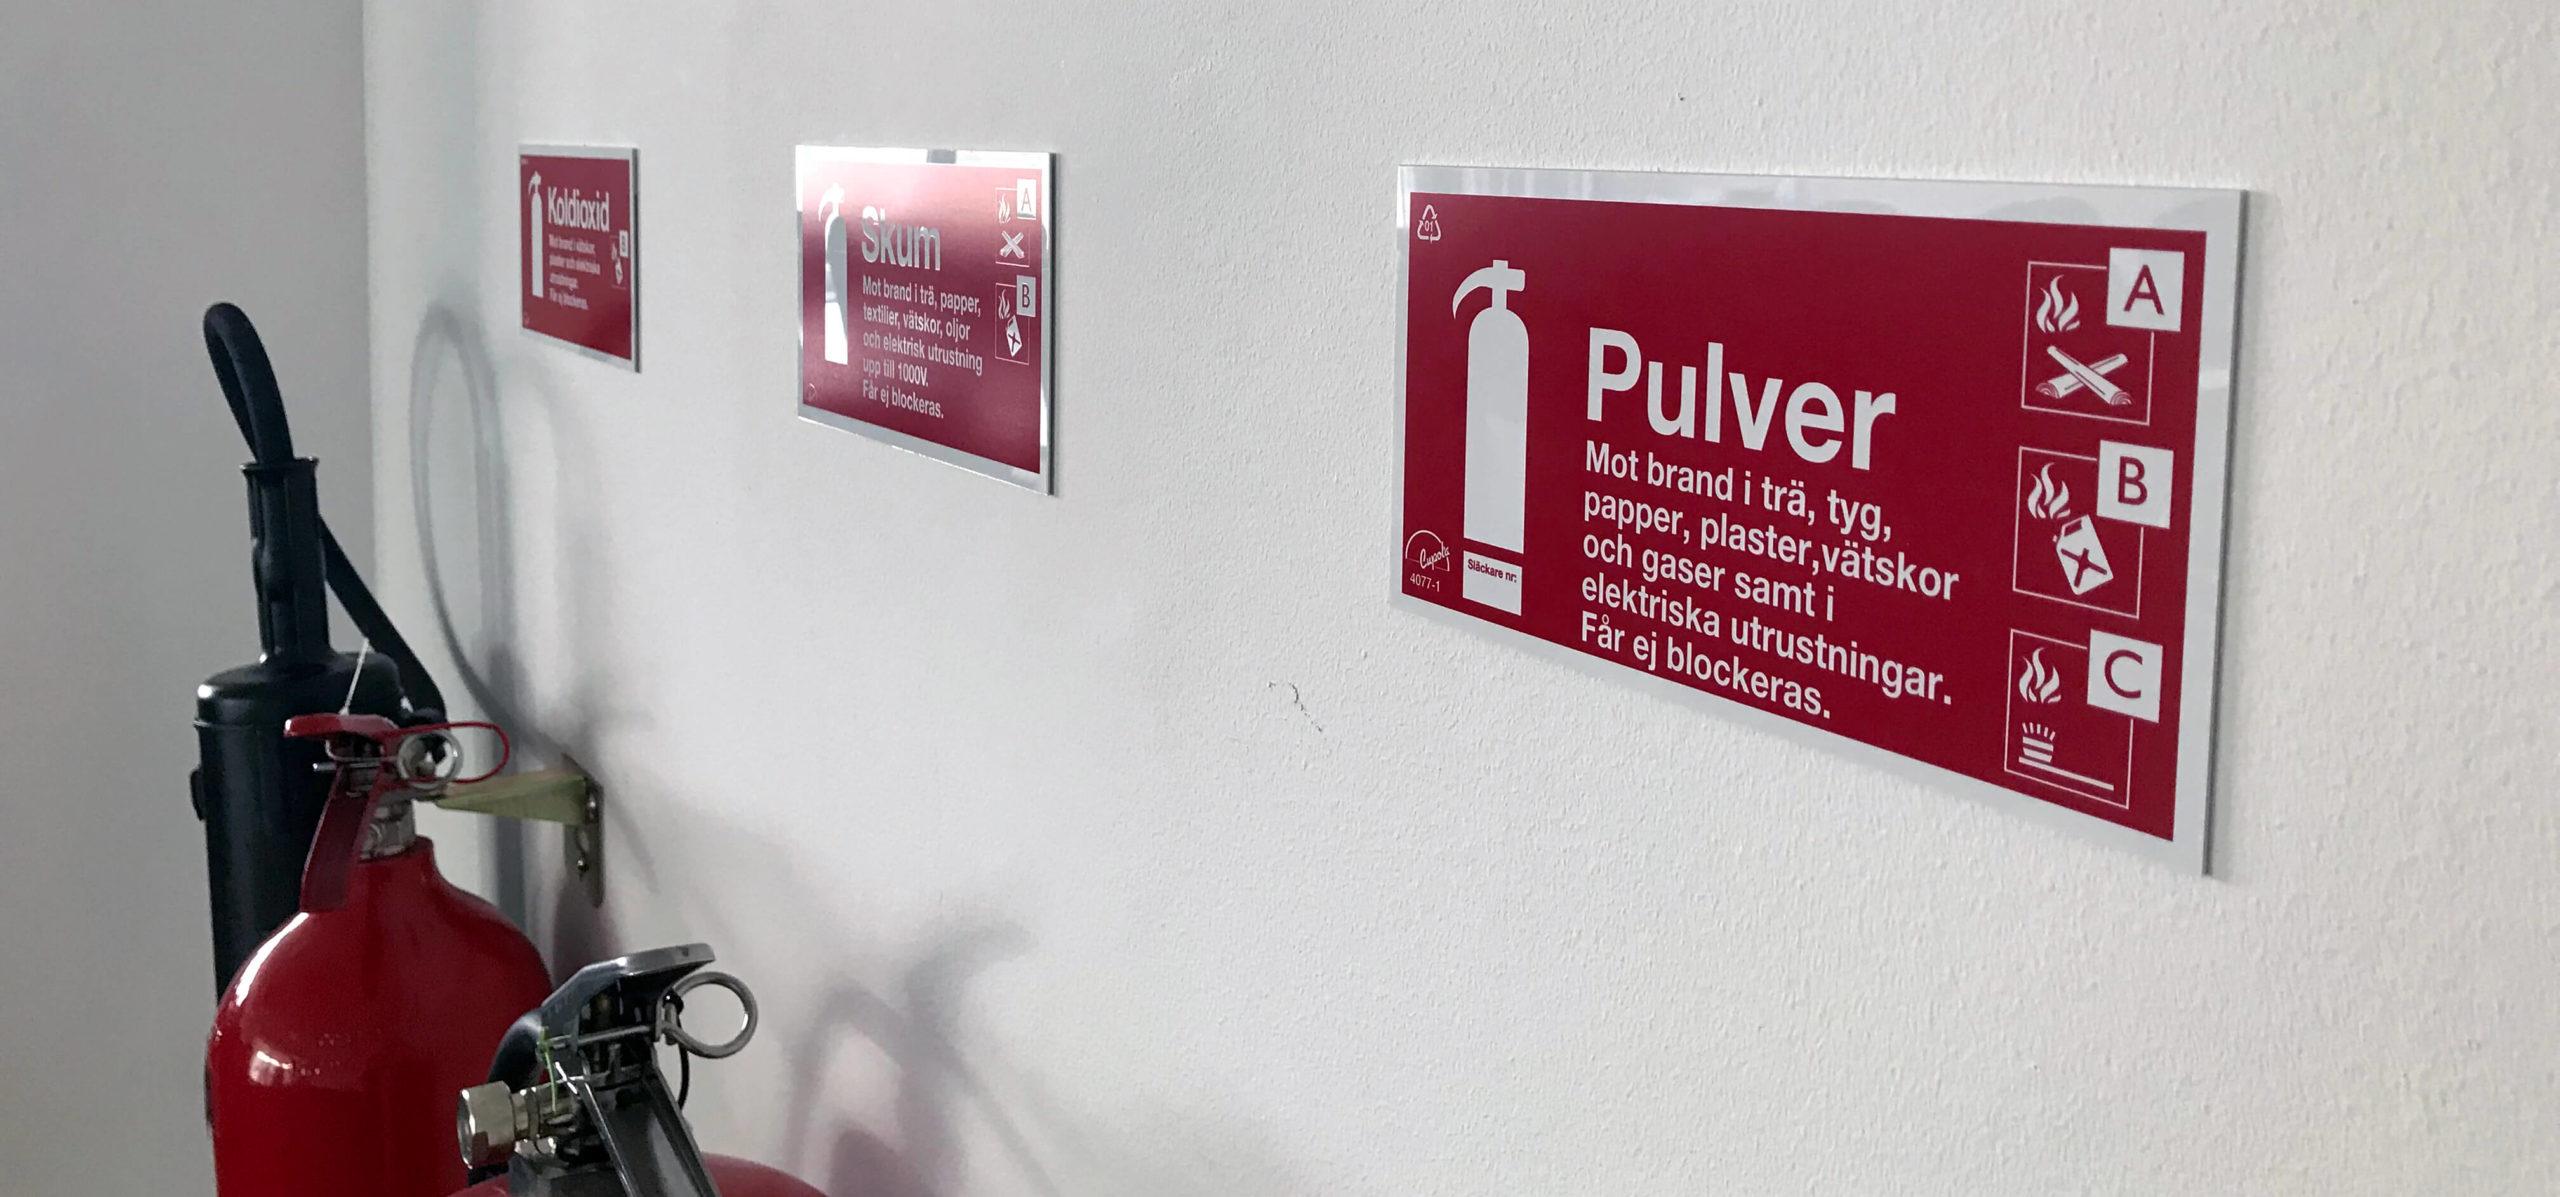 Brandsläckare pulver skum koldioxid Malmö Skåne | Eldupphör